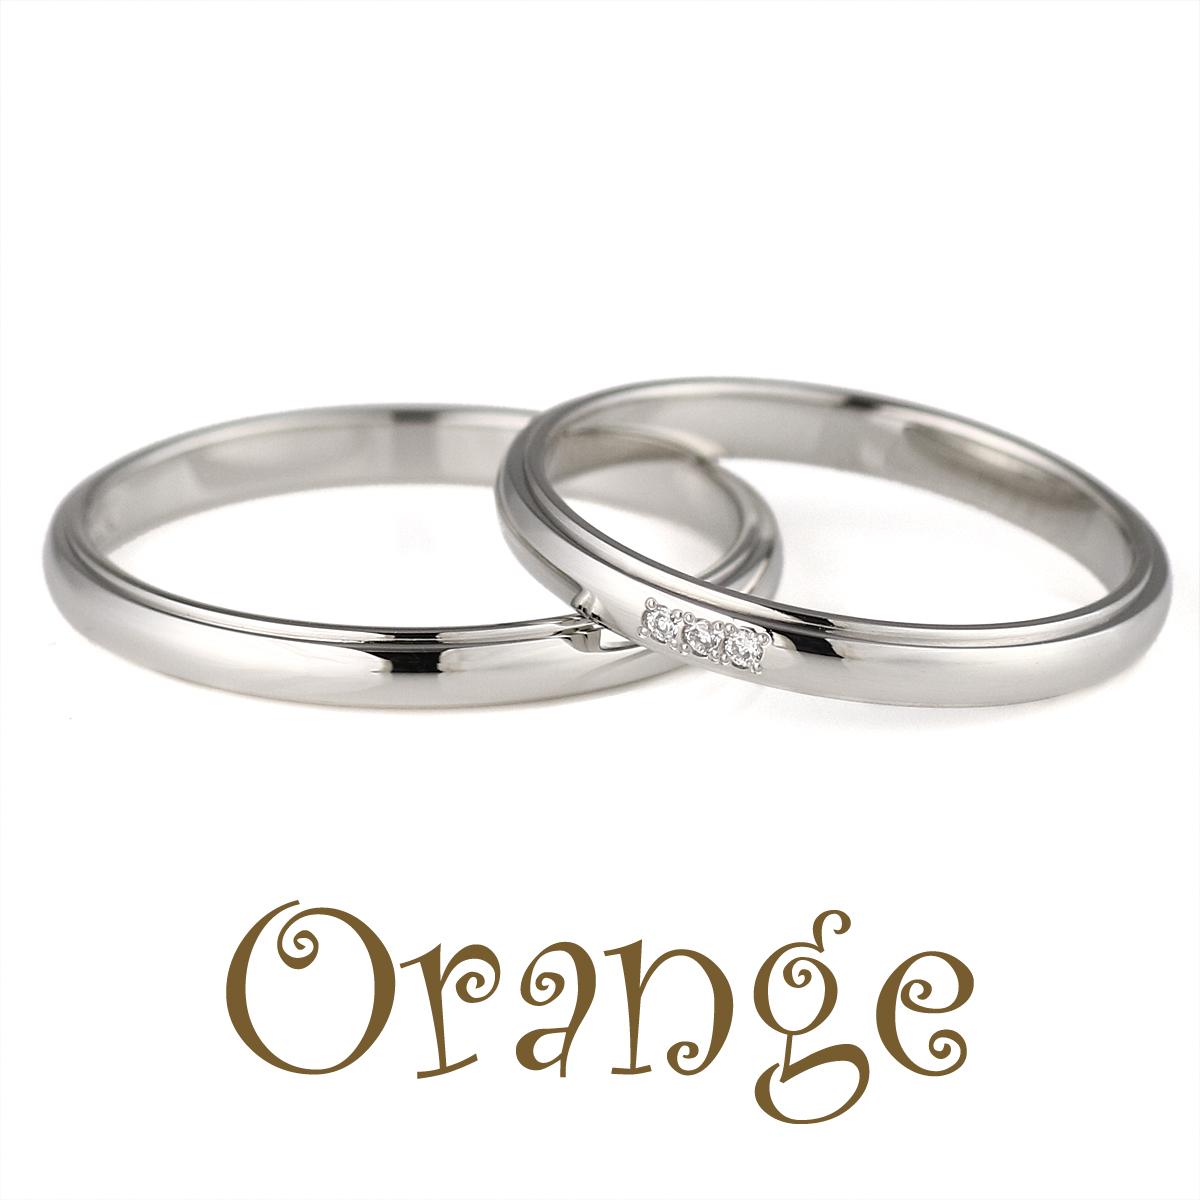 結婚指輪 マリッジリング ペアリング ダイヤモンド プラチナ Orange 人気 シンプル 【2本セット】 末広 スーパーSALE【今だけ代引手数料無料】